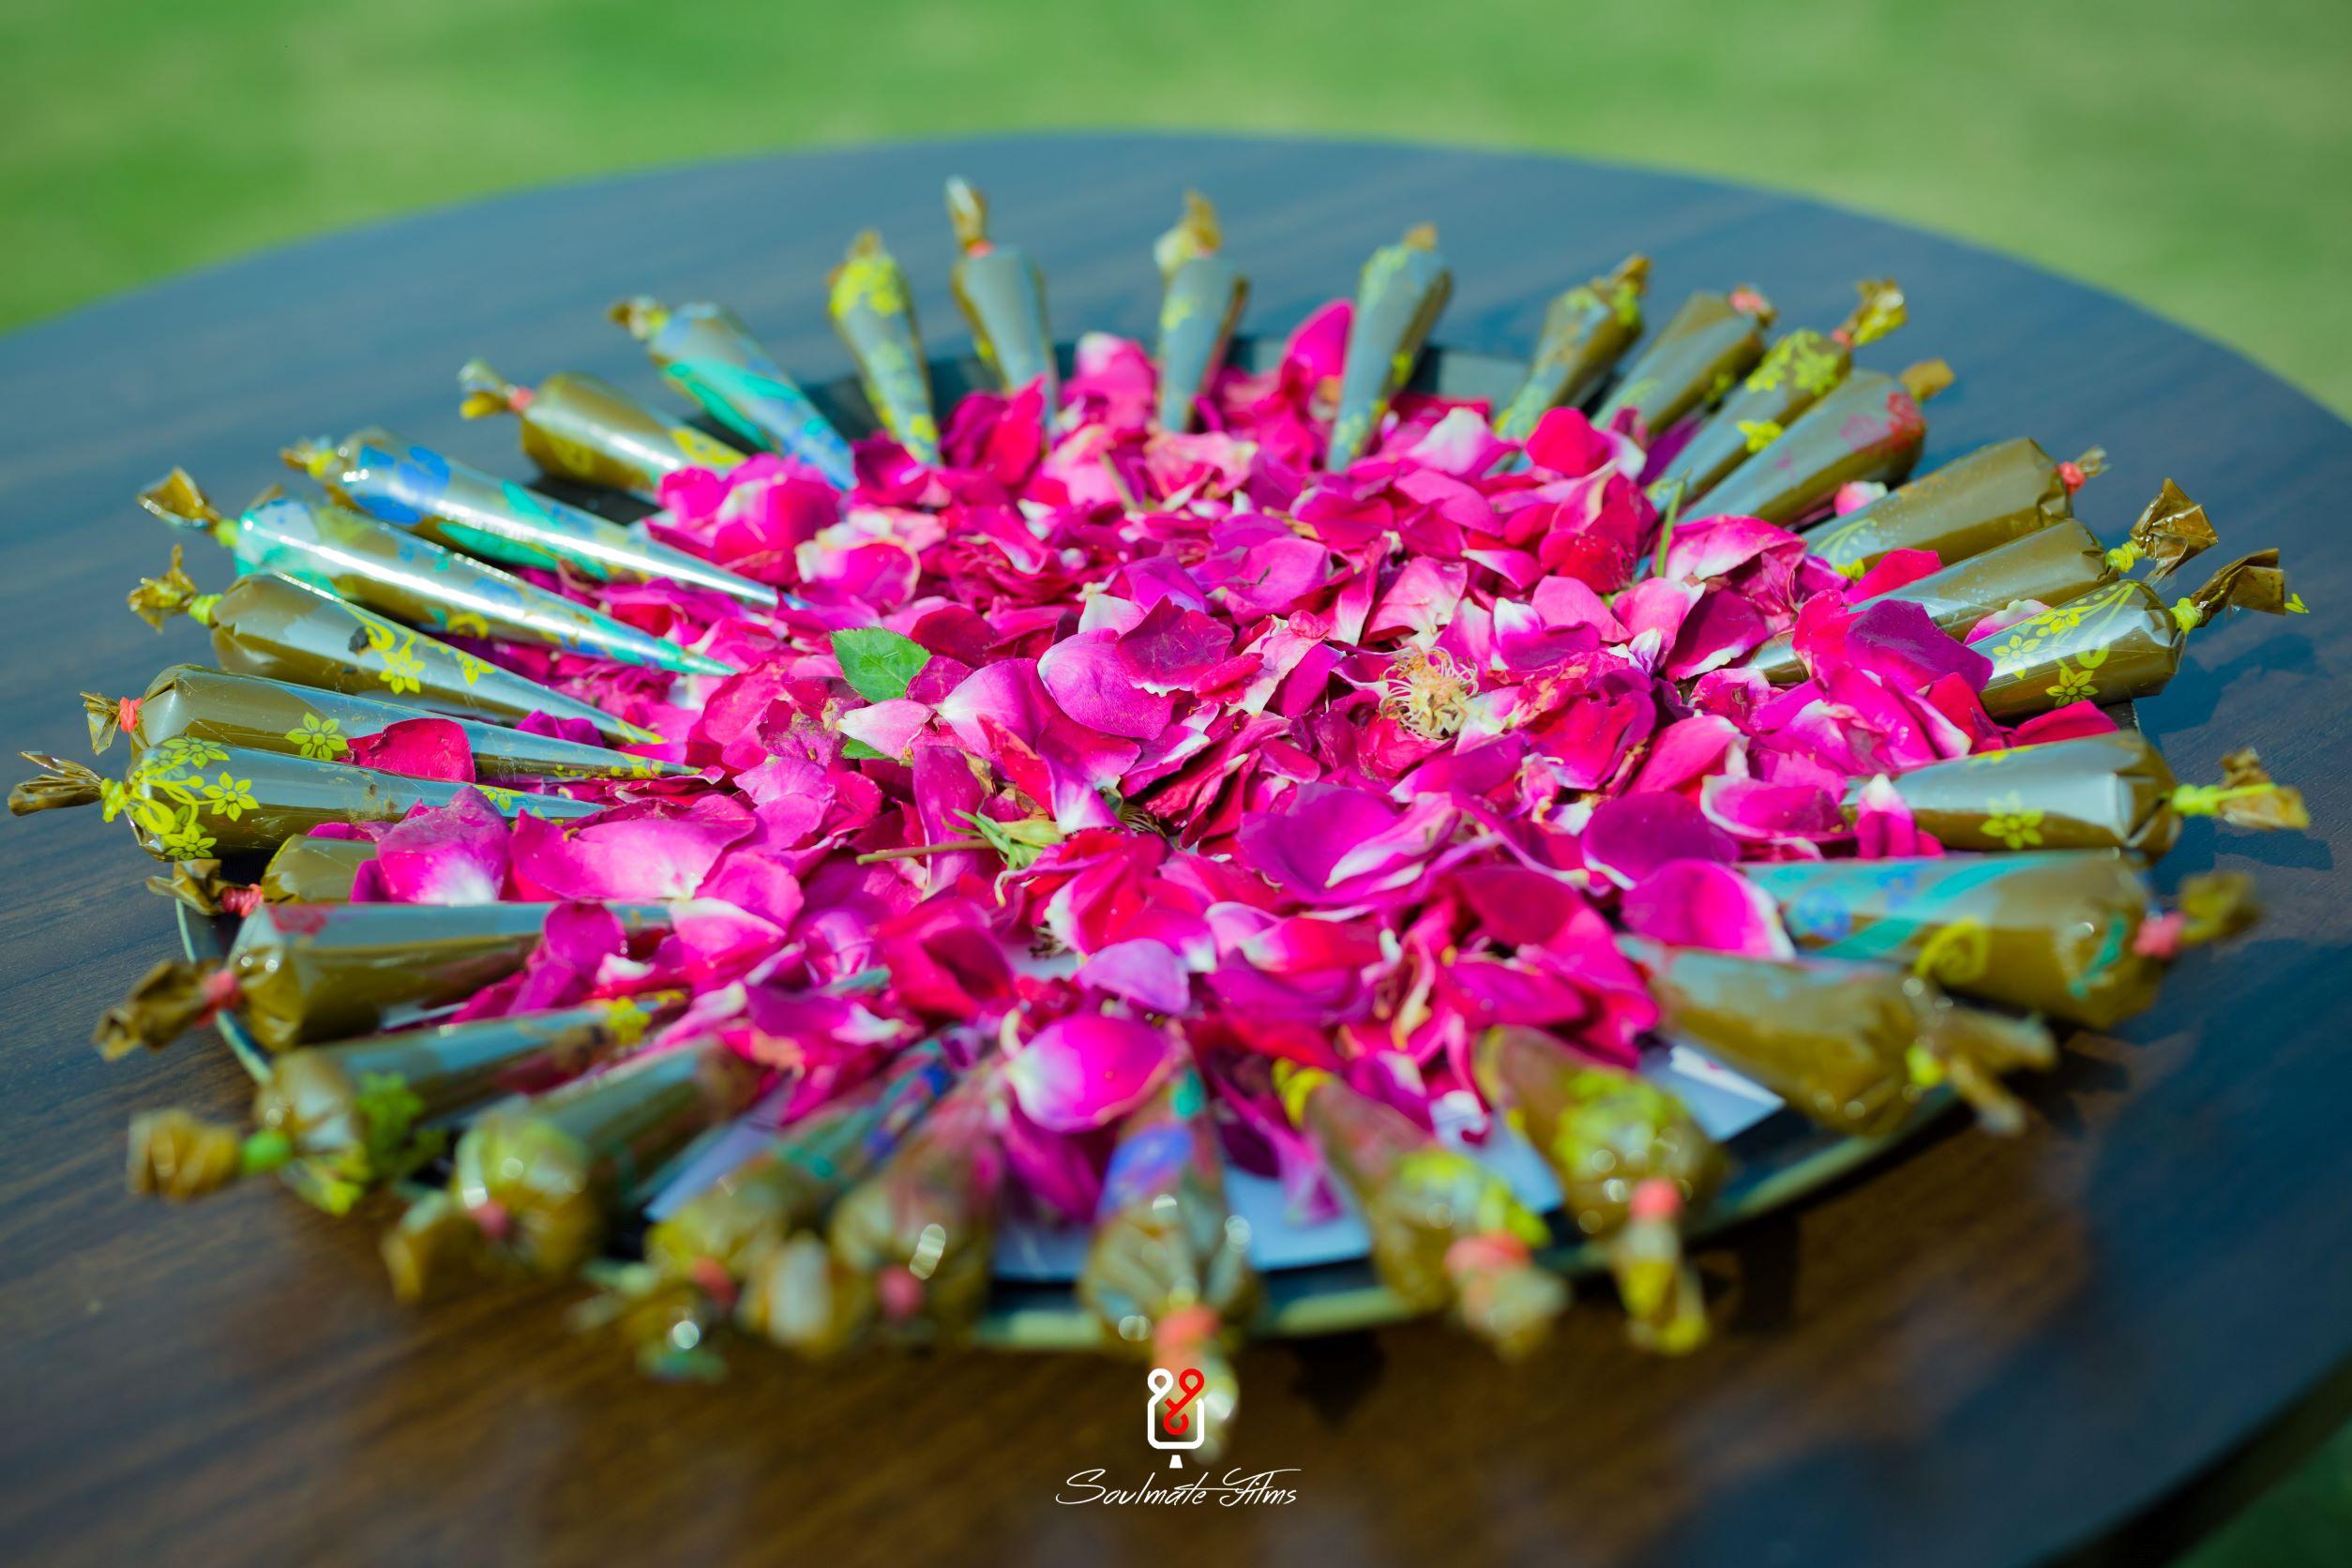 mehendi cones decorated with rose petals